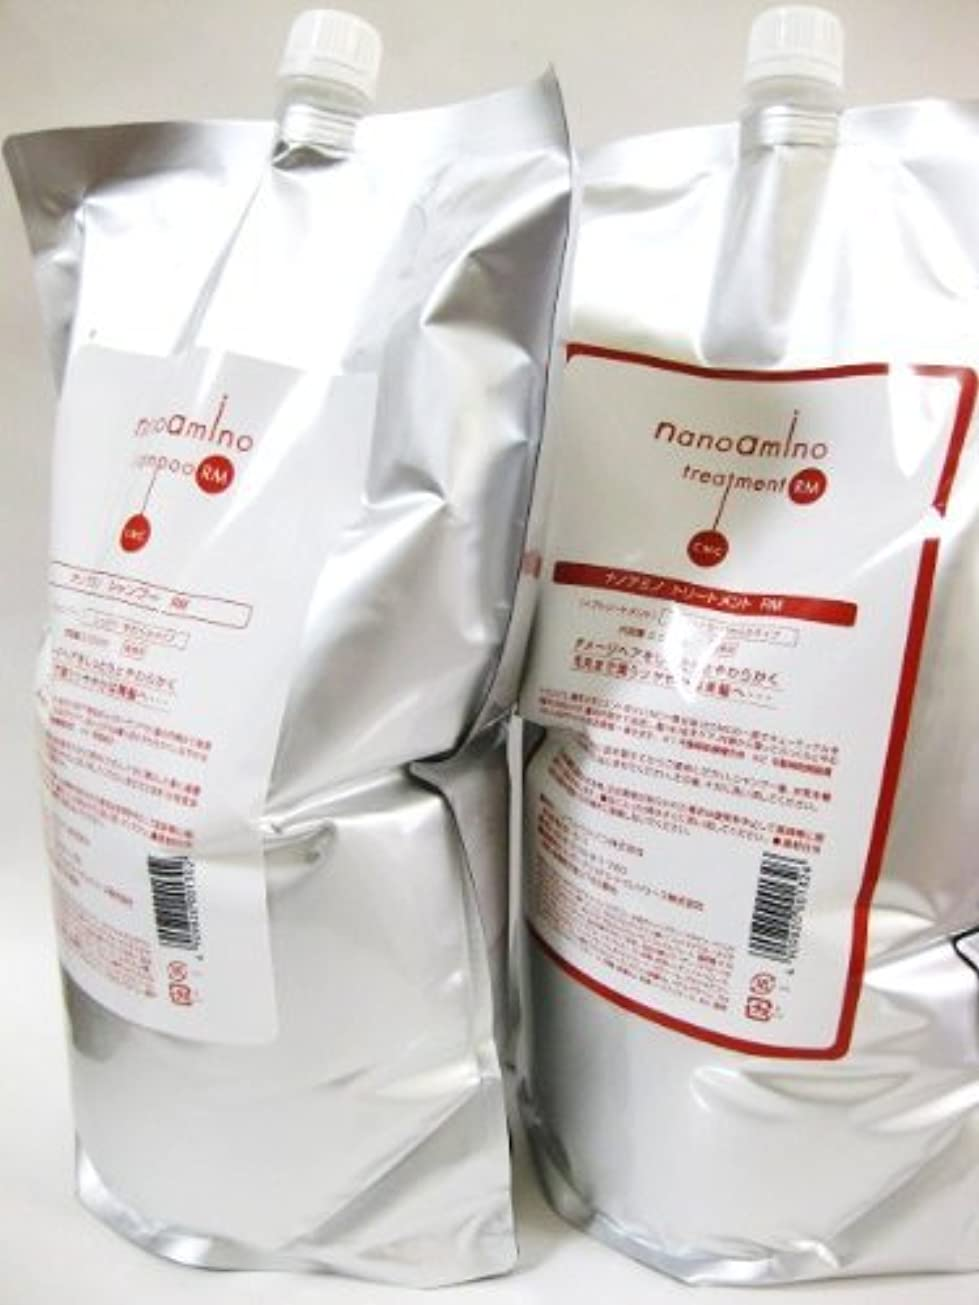 好意クレアディレイニューウェイジャパン ナノアミノ RM 2500 詰替えタイプ 合わせて5キロ!![ビックサイズ]セット